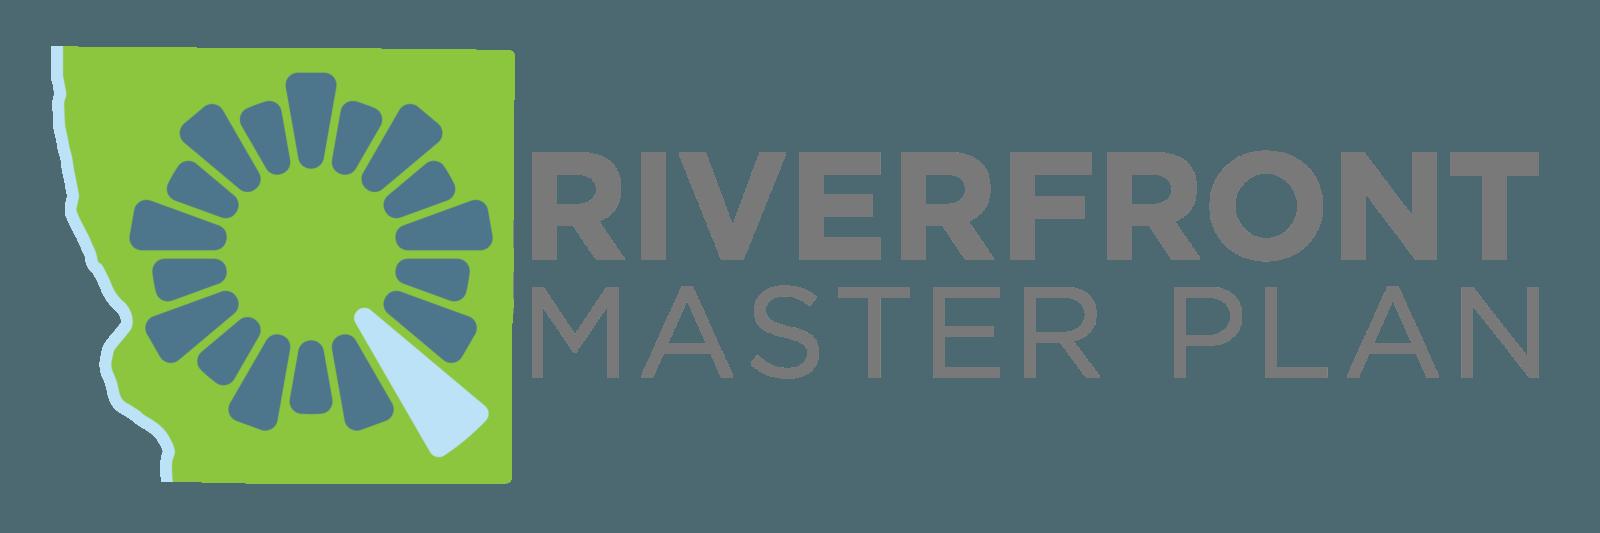 Riverfront Master Plan Logo